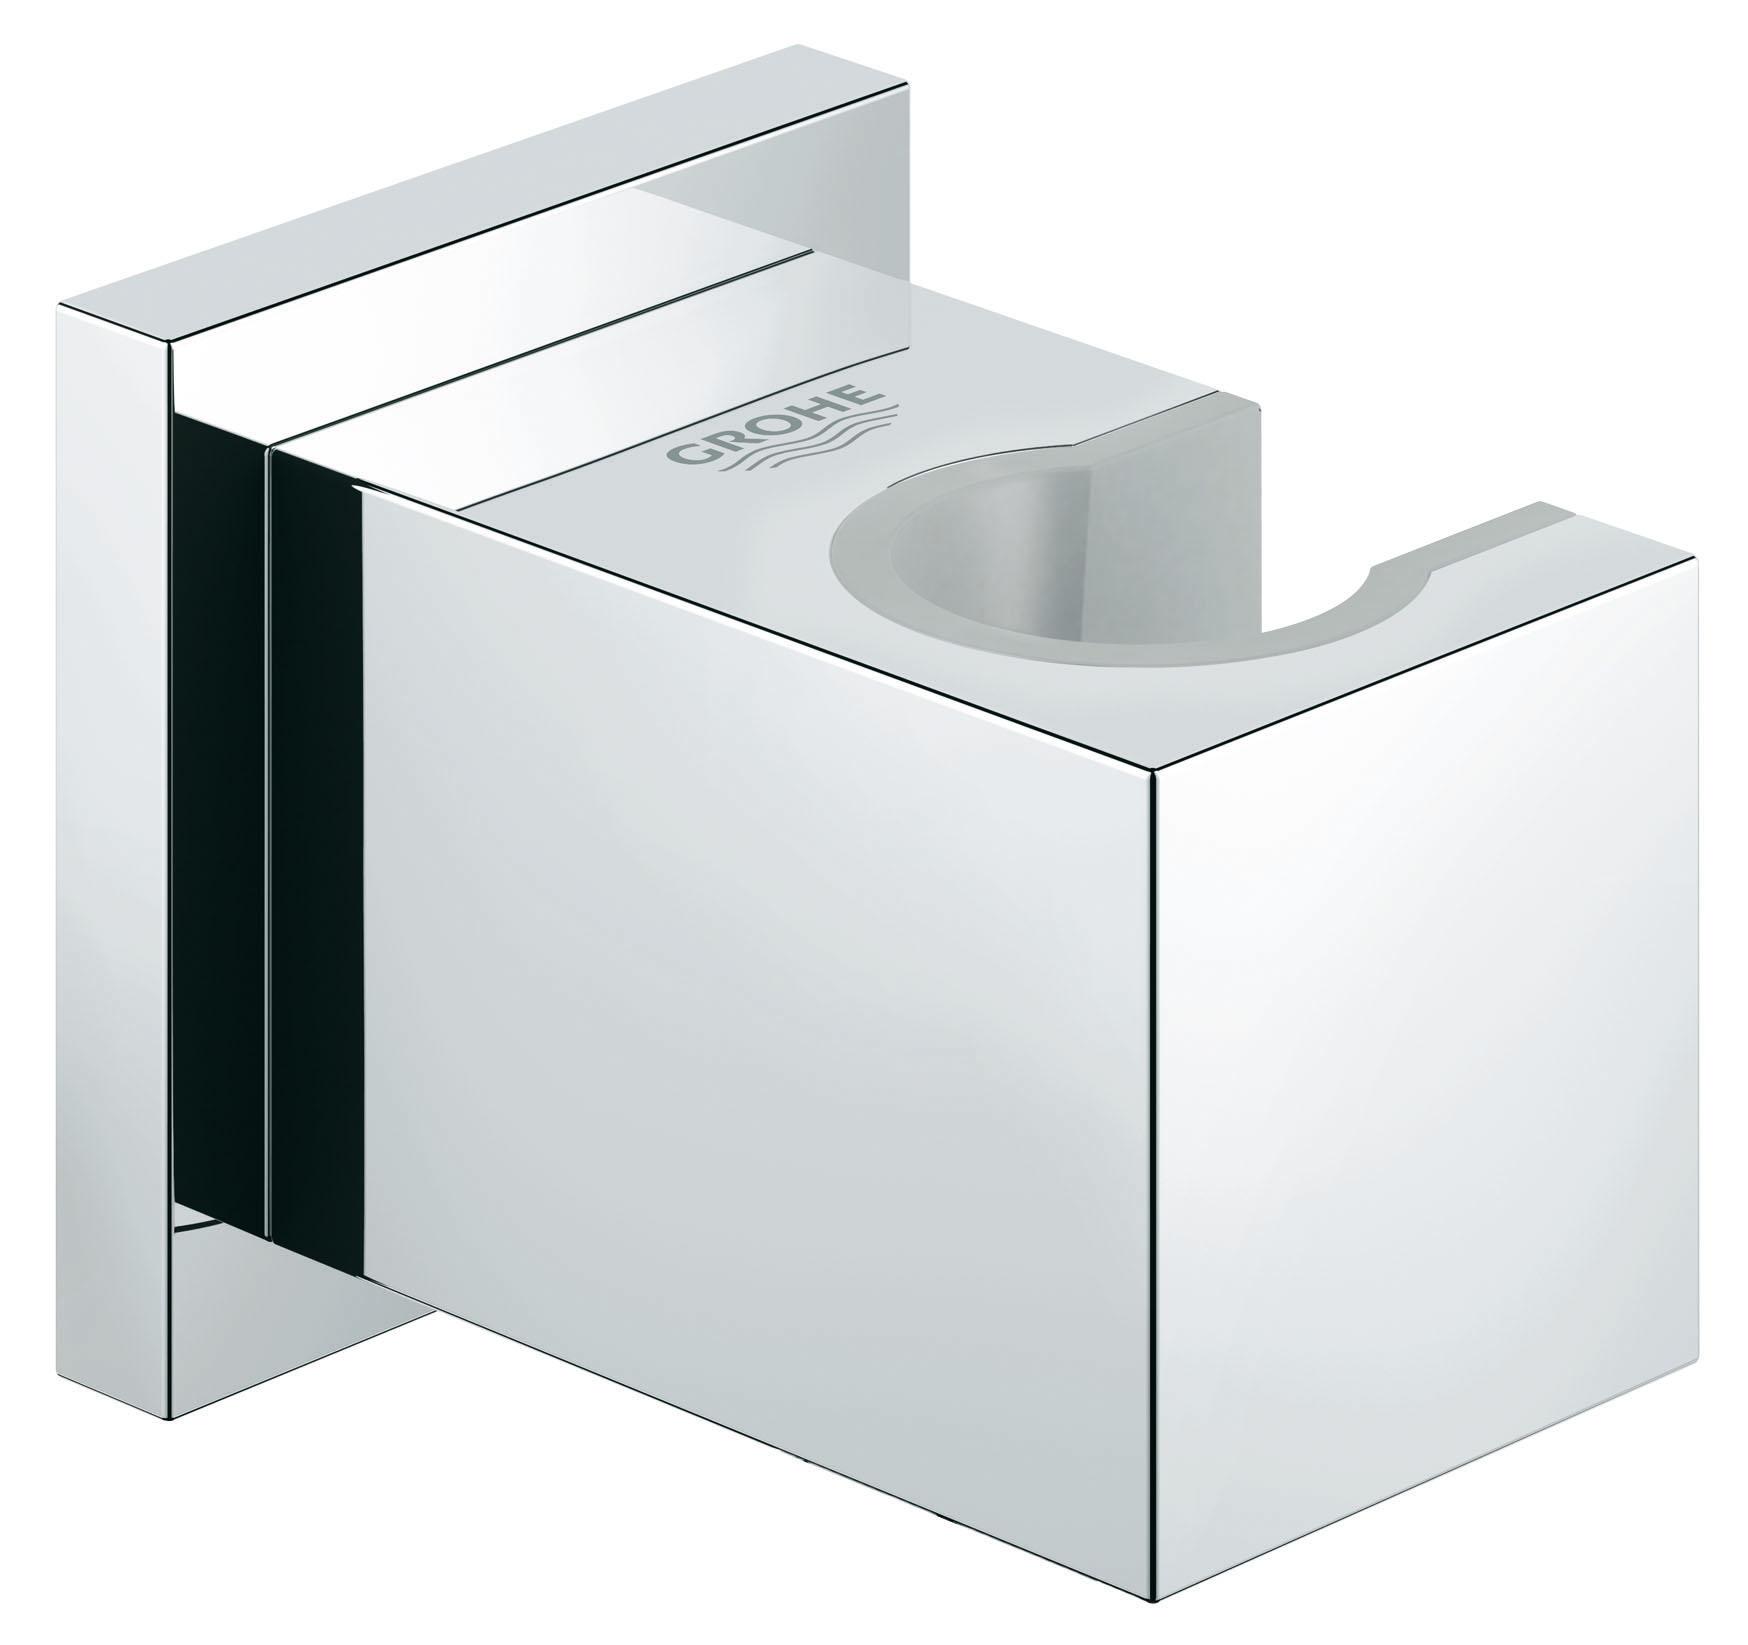 Держатель душевой лейки Grohe Euphoria Cube, настенныйДержатель душевой лейки Grohe Euphoria Cube изготовлен из высококачественной латуни с надежным хромированным покрытием, которое гарантирует идеальный зеркальный блеск и защиту изделия на долгий срок.